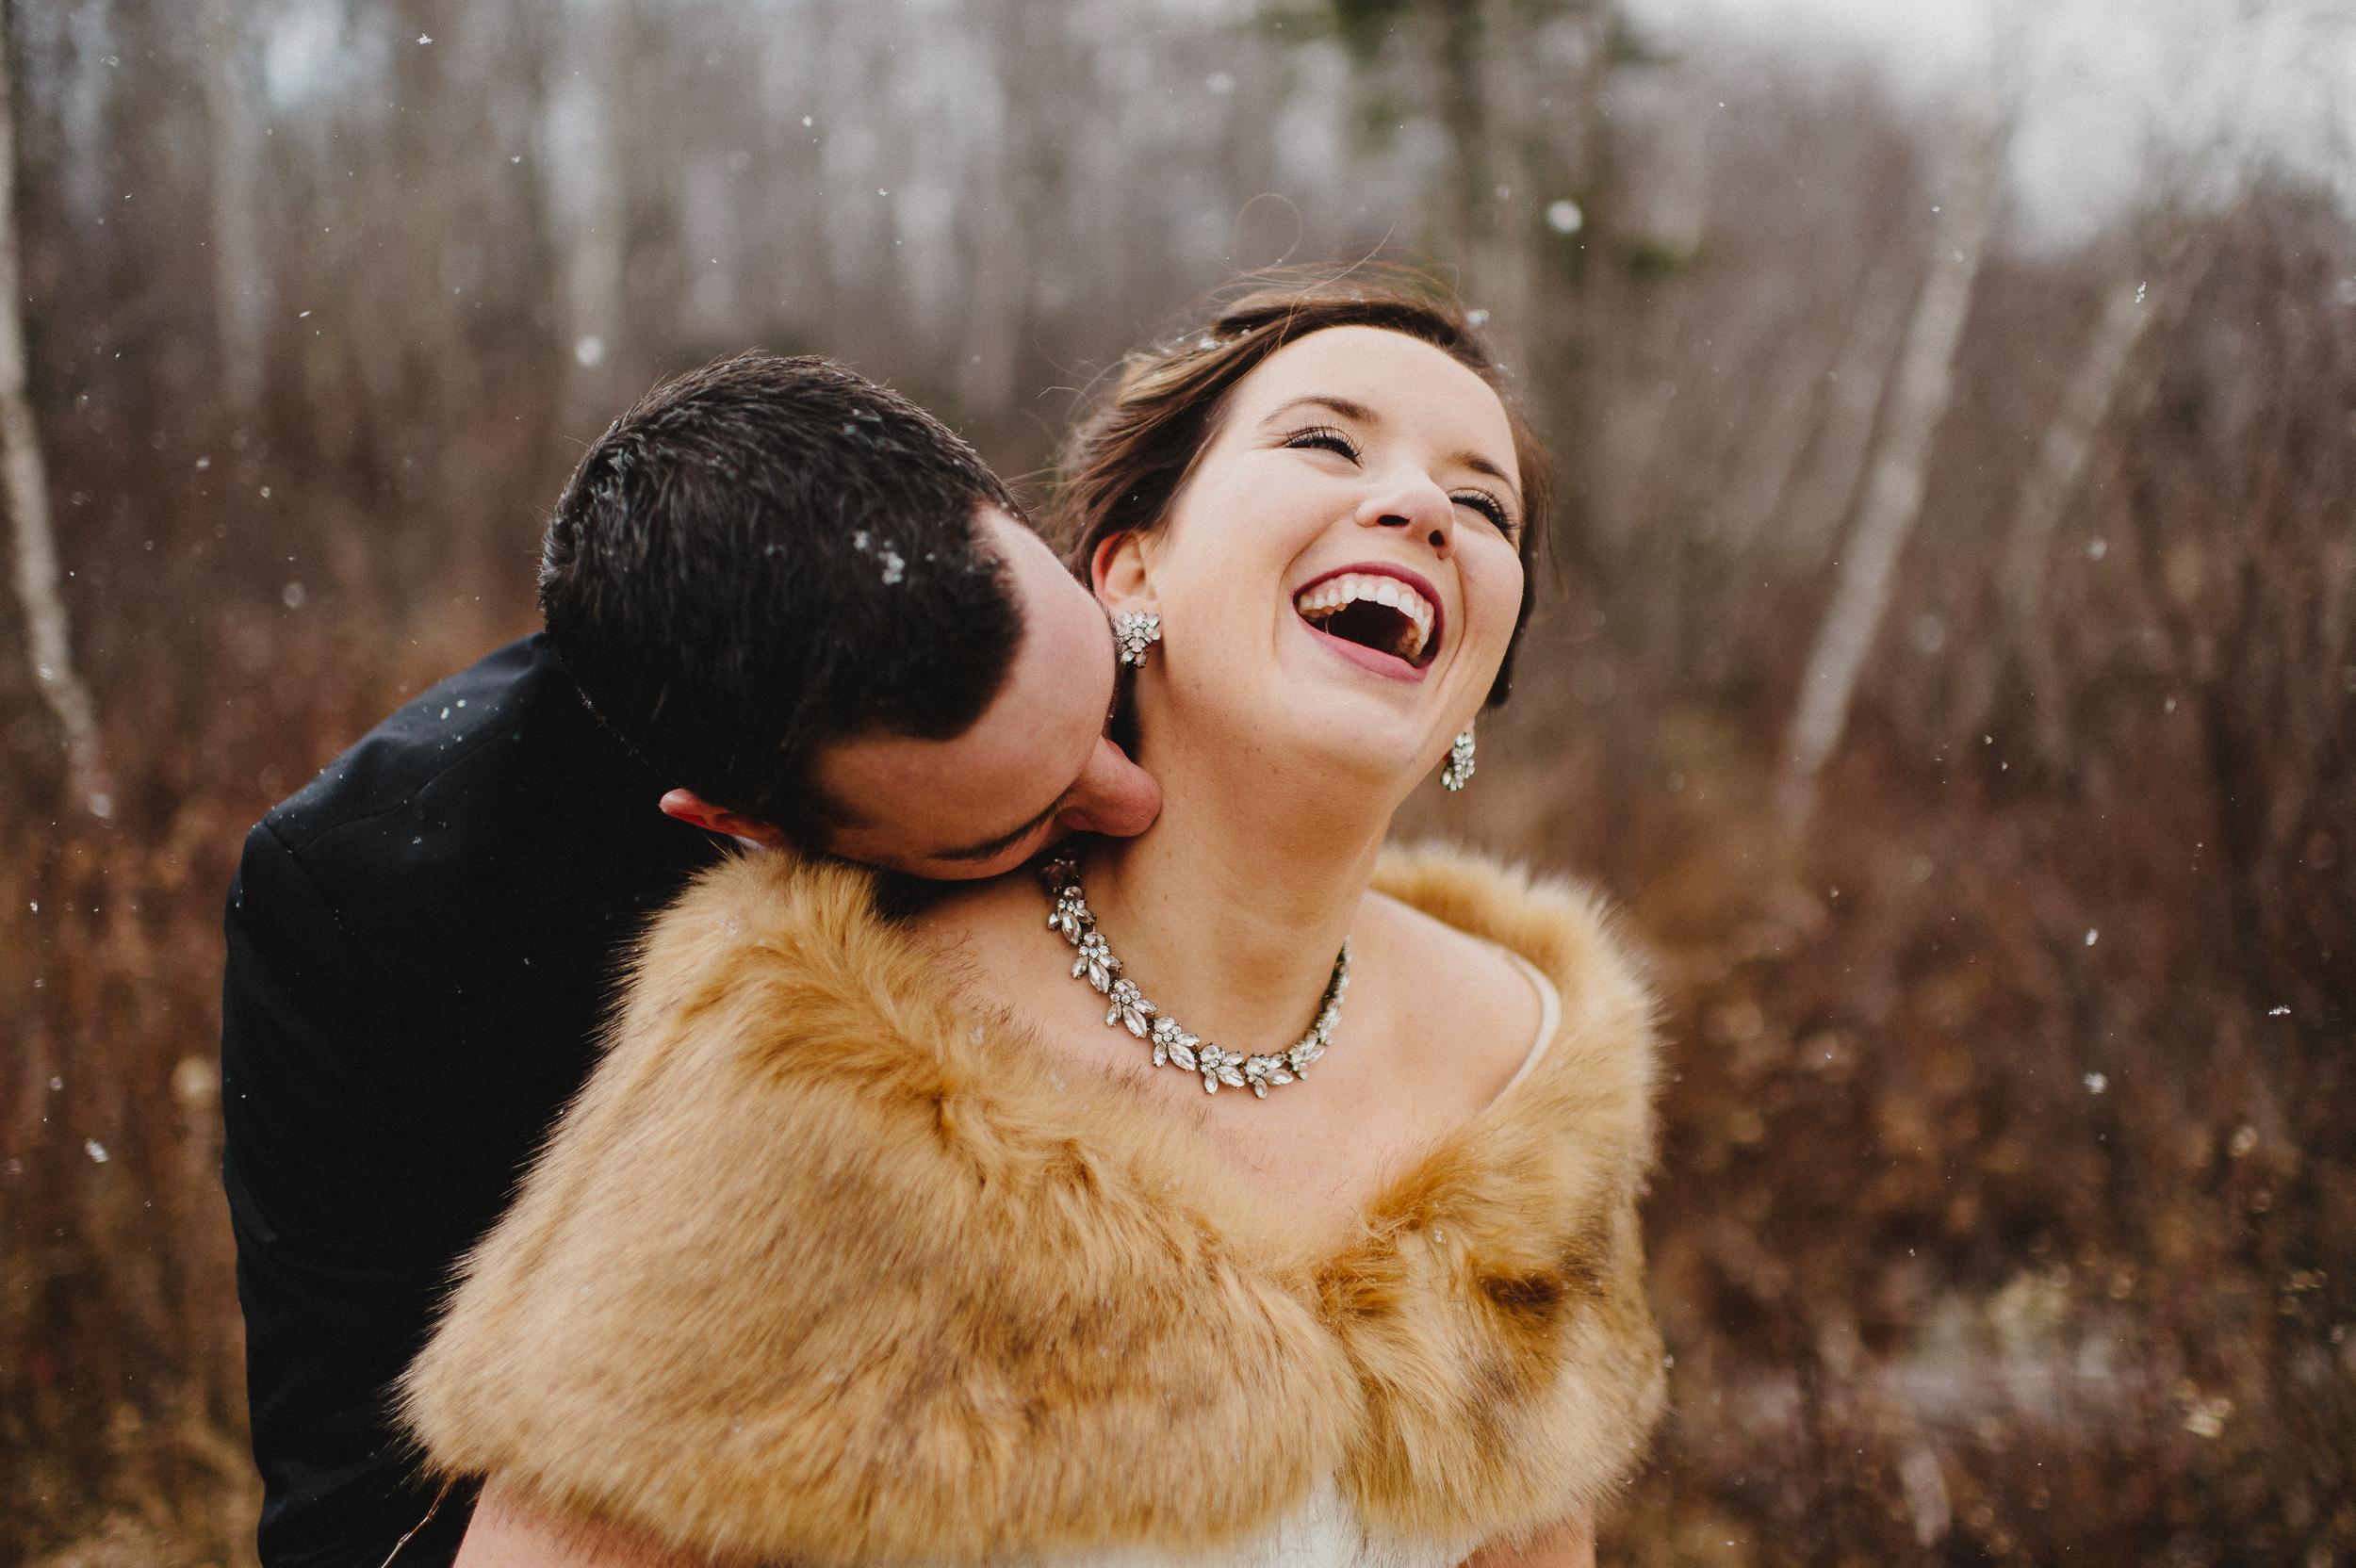 vermont-destination-wedding-photographer-28.jpg